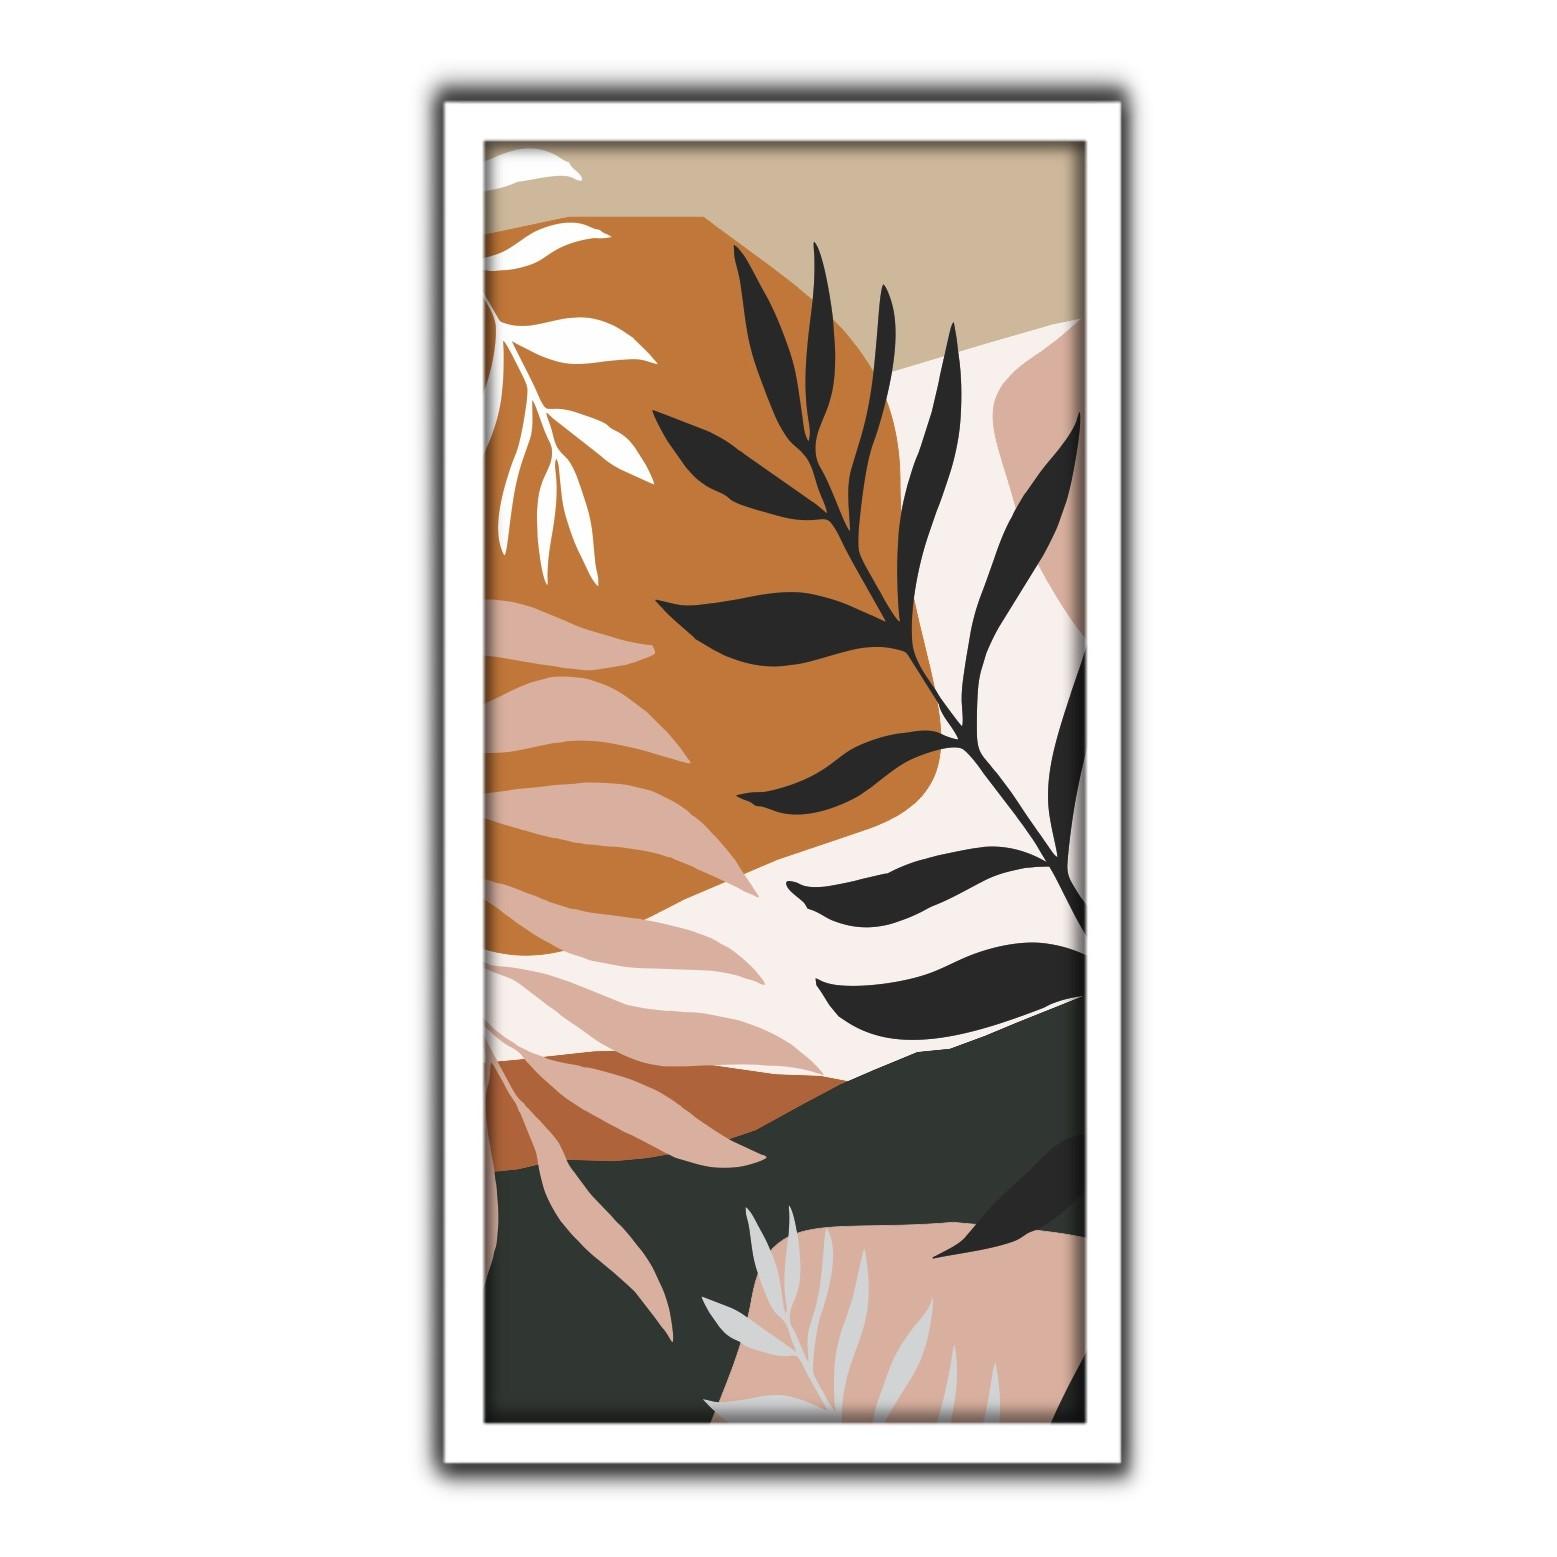 Quadro Decorativo 33x70cm Folhagem 90412 - Art Frame